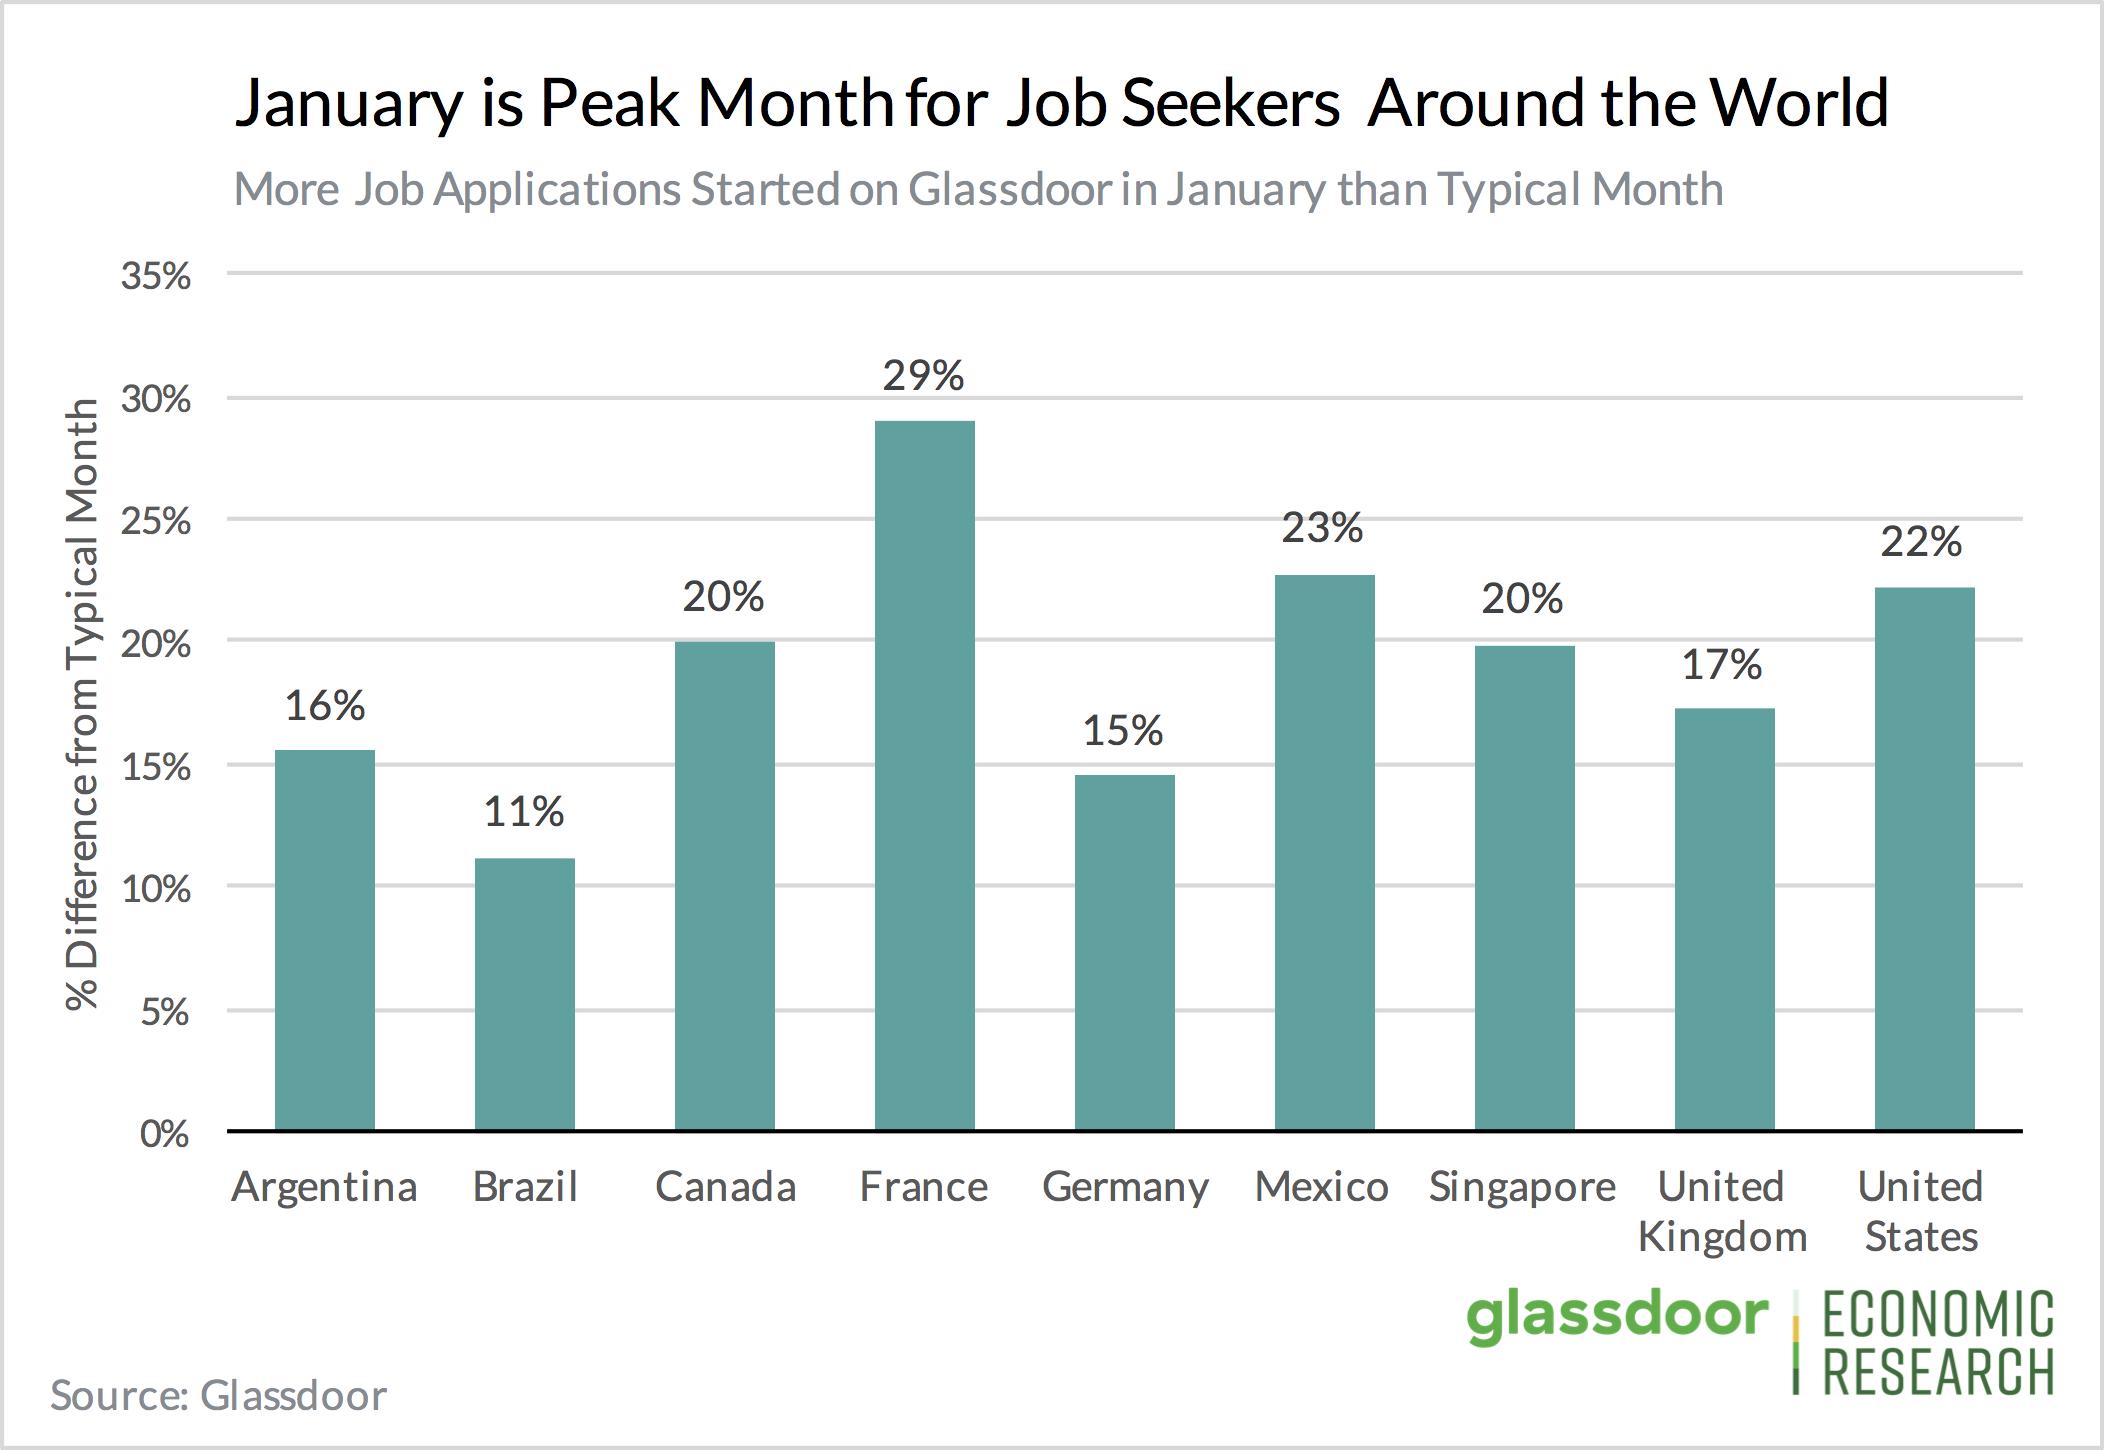 Priya-Jan-2020-Glassdoor-research-job-applications-website-1